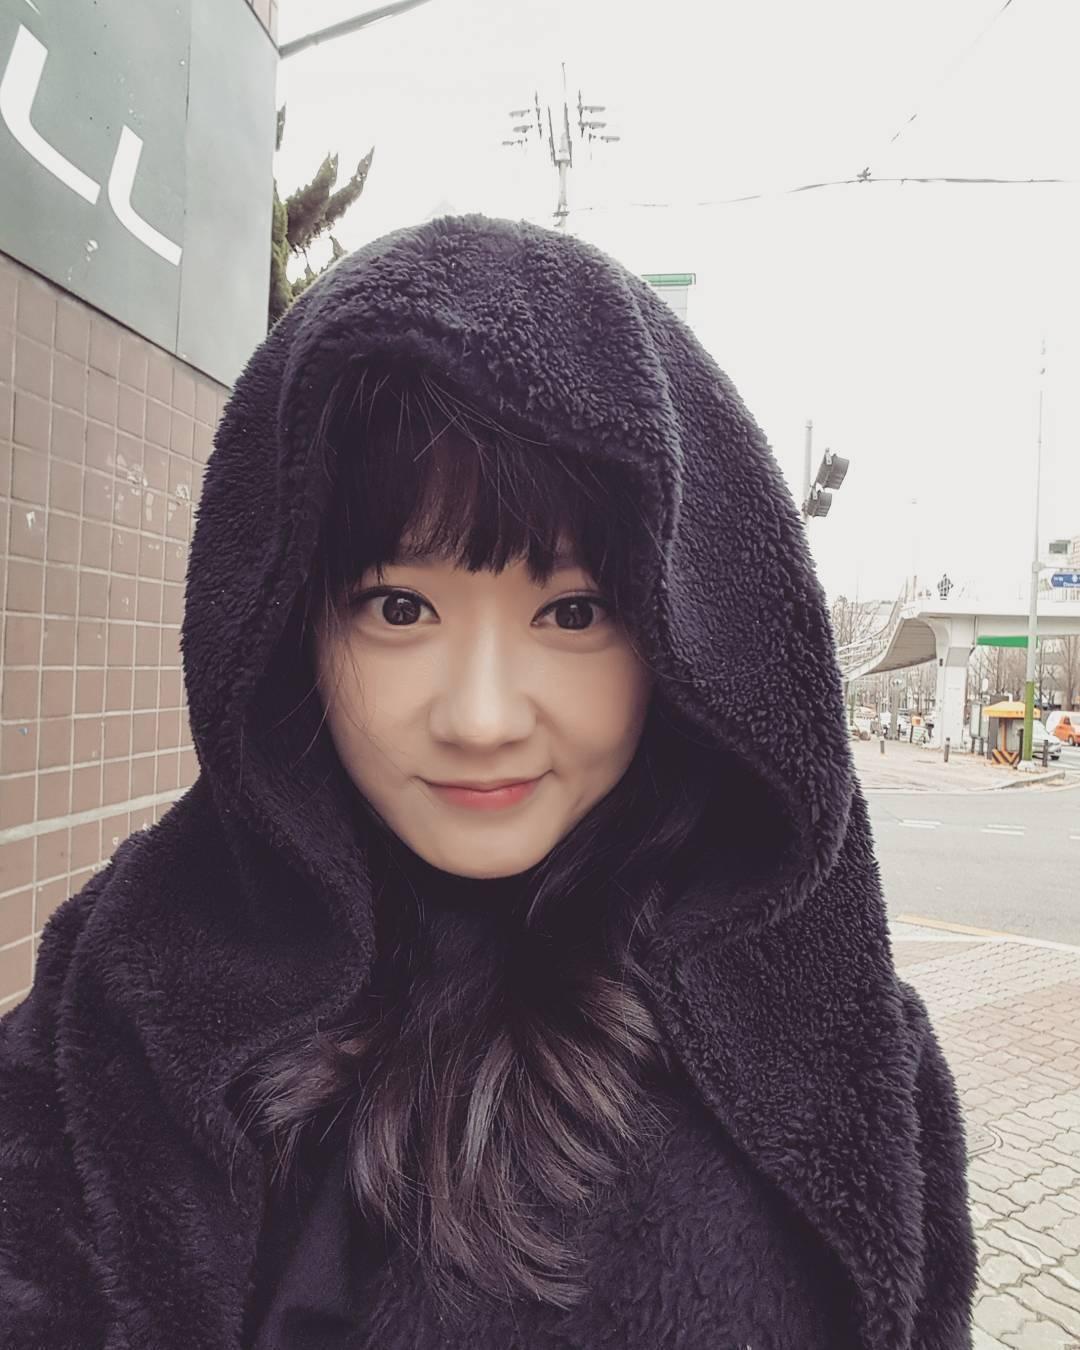 Bí quyết chăm sóc da của các mỹ nhân không tuổi xứ Hàn - Ảnh 1